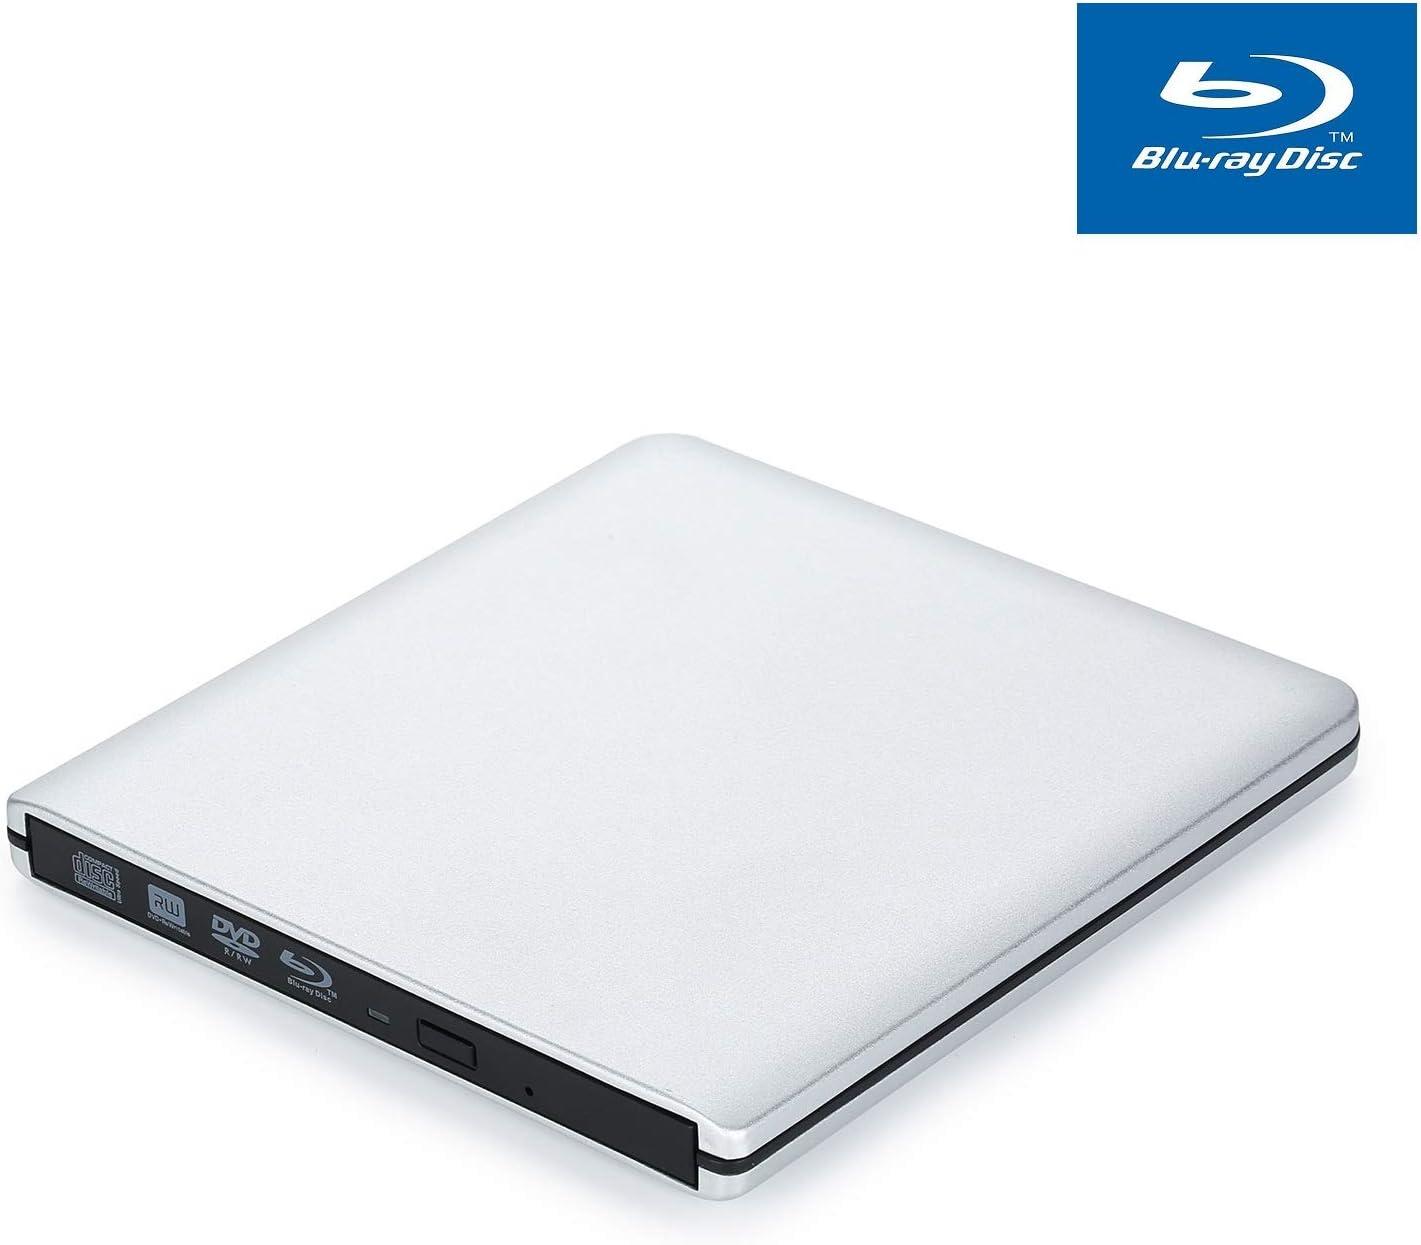 LECTEUR/GRAVEUR TÉLÉCHARGER GRATUITEMENT ASPI DE CD/DVD POUR PILOTES